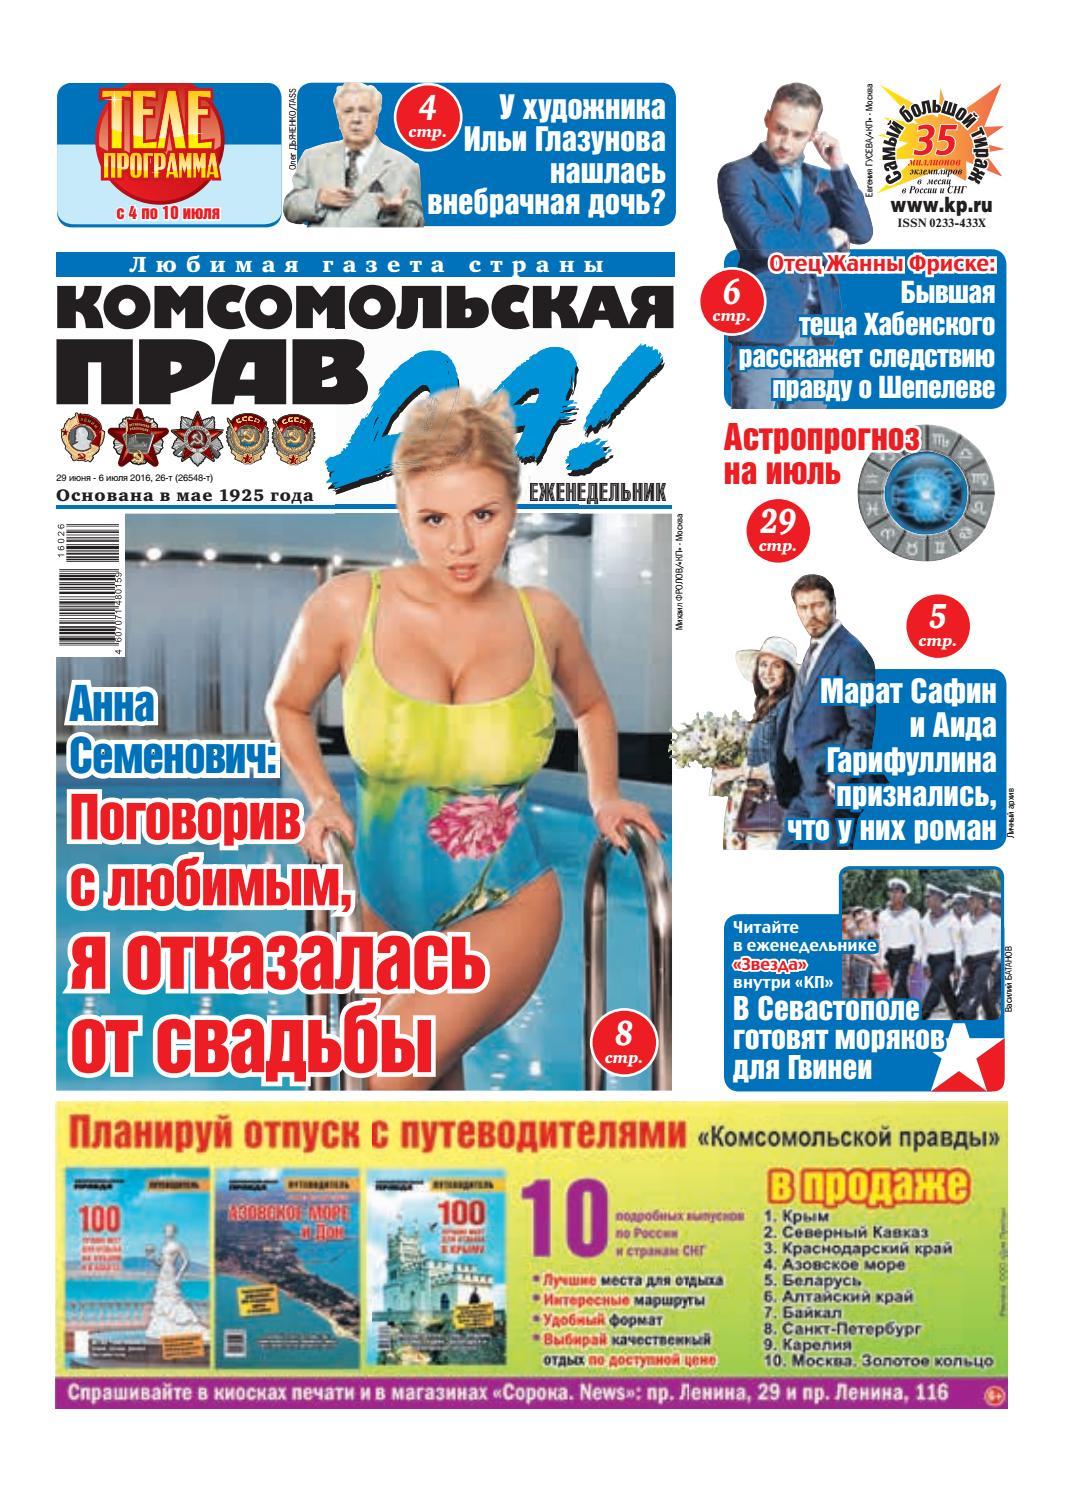 Женя Малахова Купается В Озере – А Зори Здесь Тихие... (Россия) (2020)